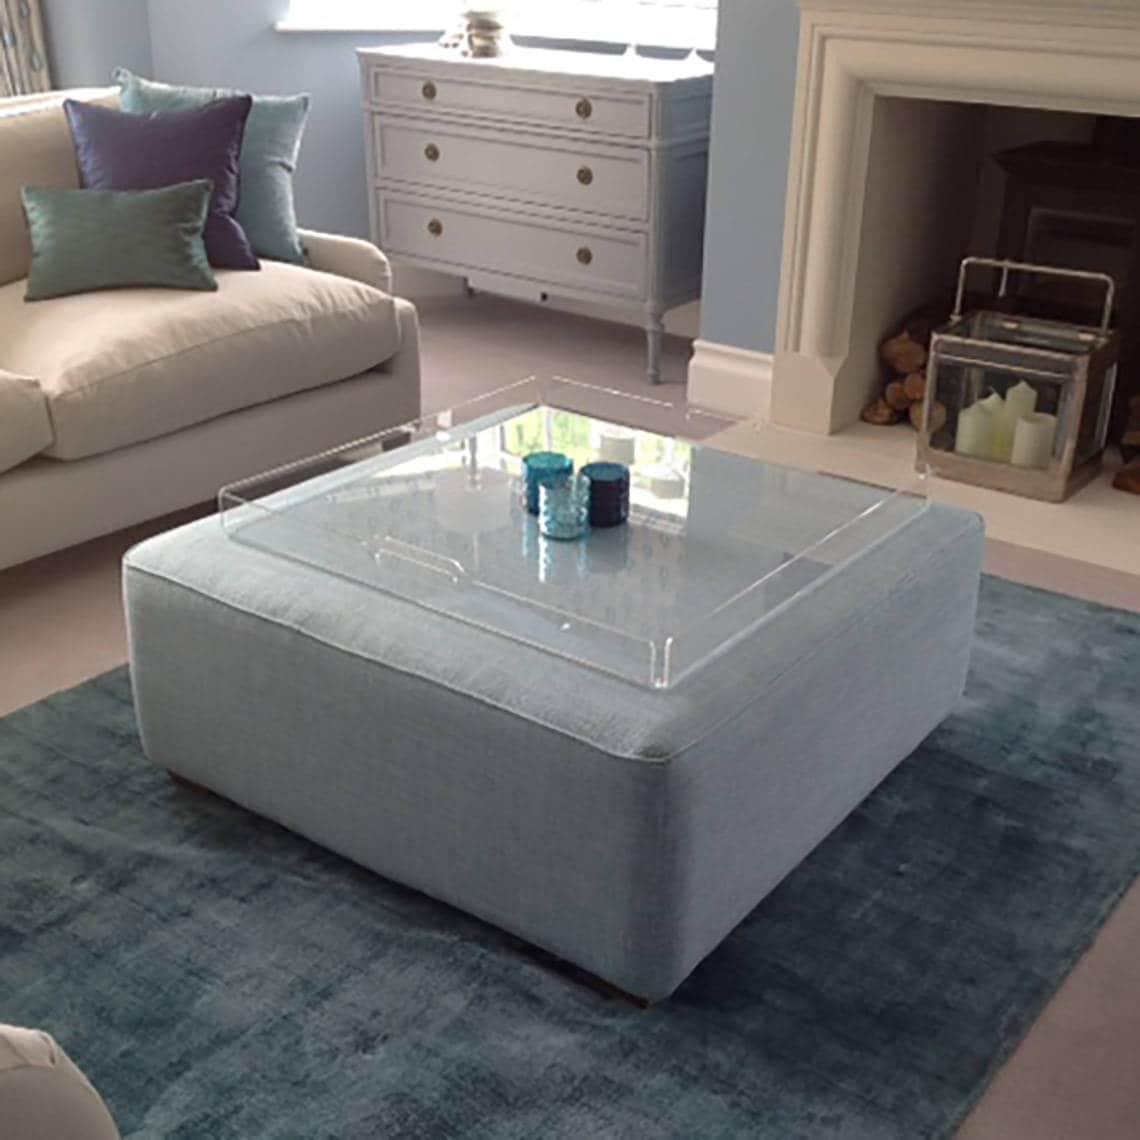 Footstool Tray Or Ottoman Tray Acrylic Tray Serving Tray